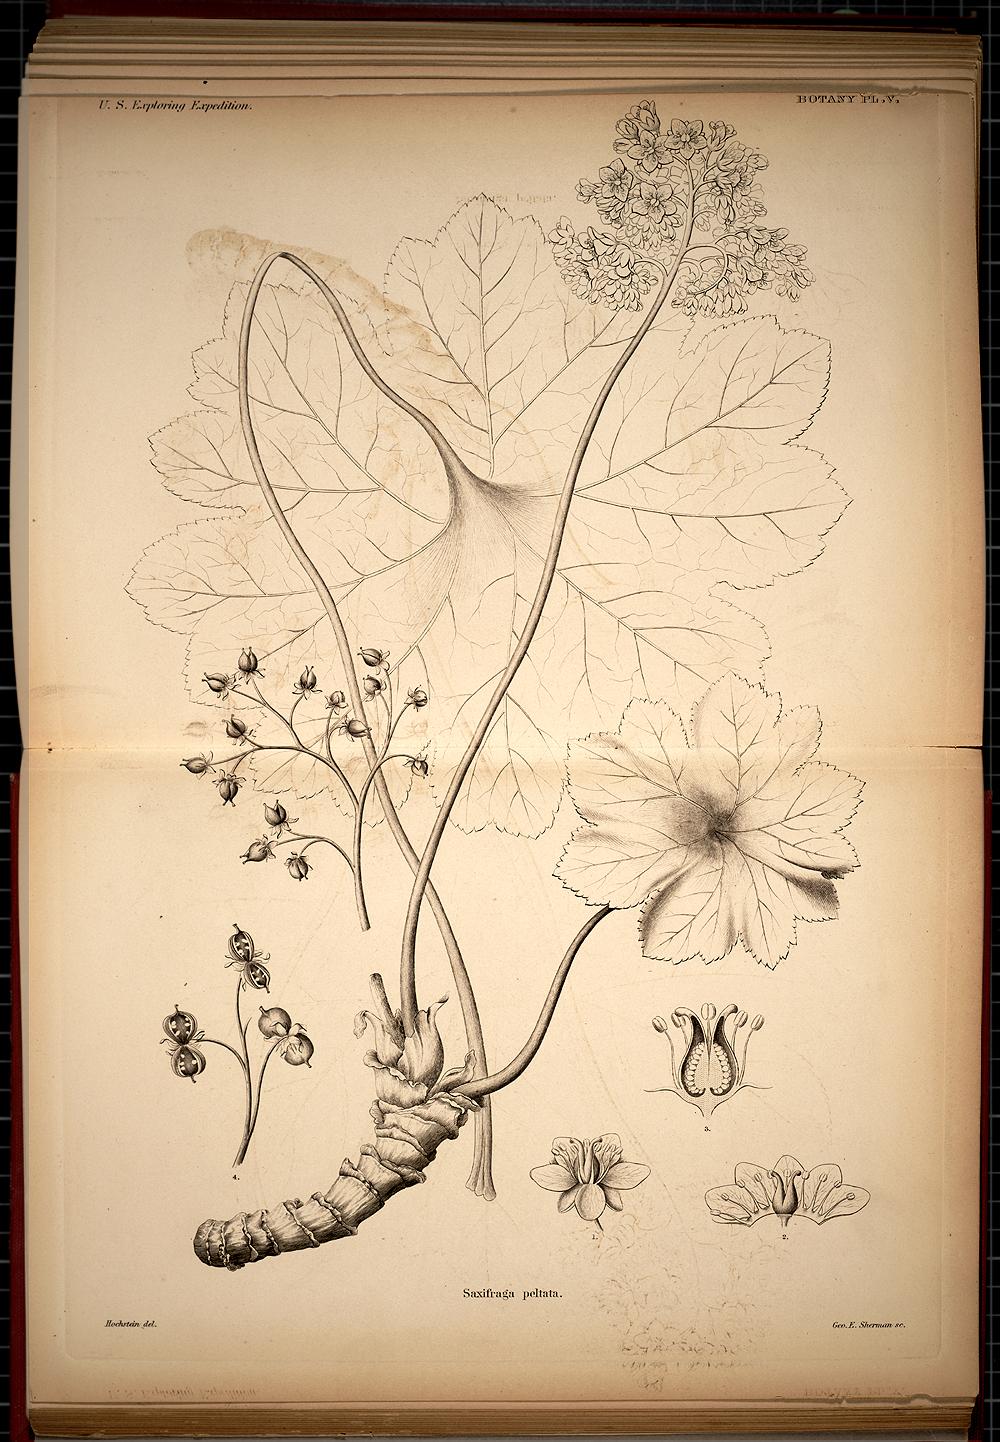 Botany, Plate V,  Image number:SIL19-28-033